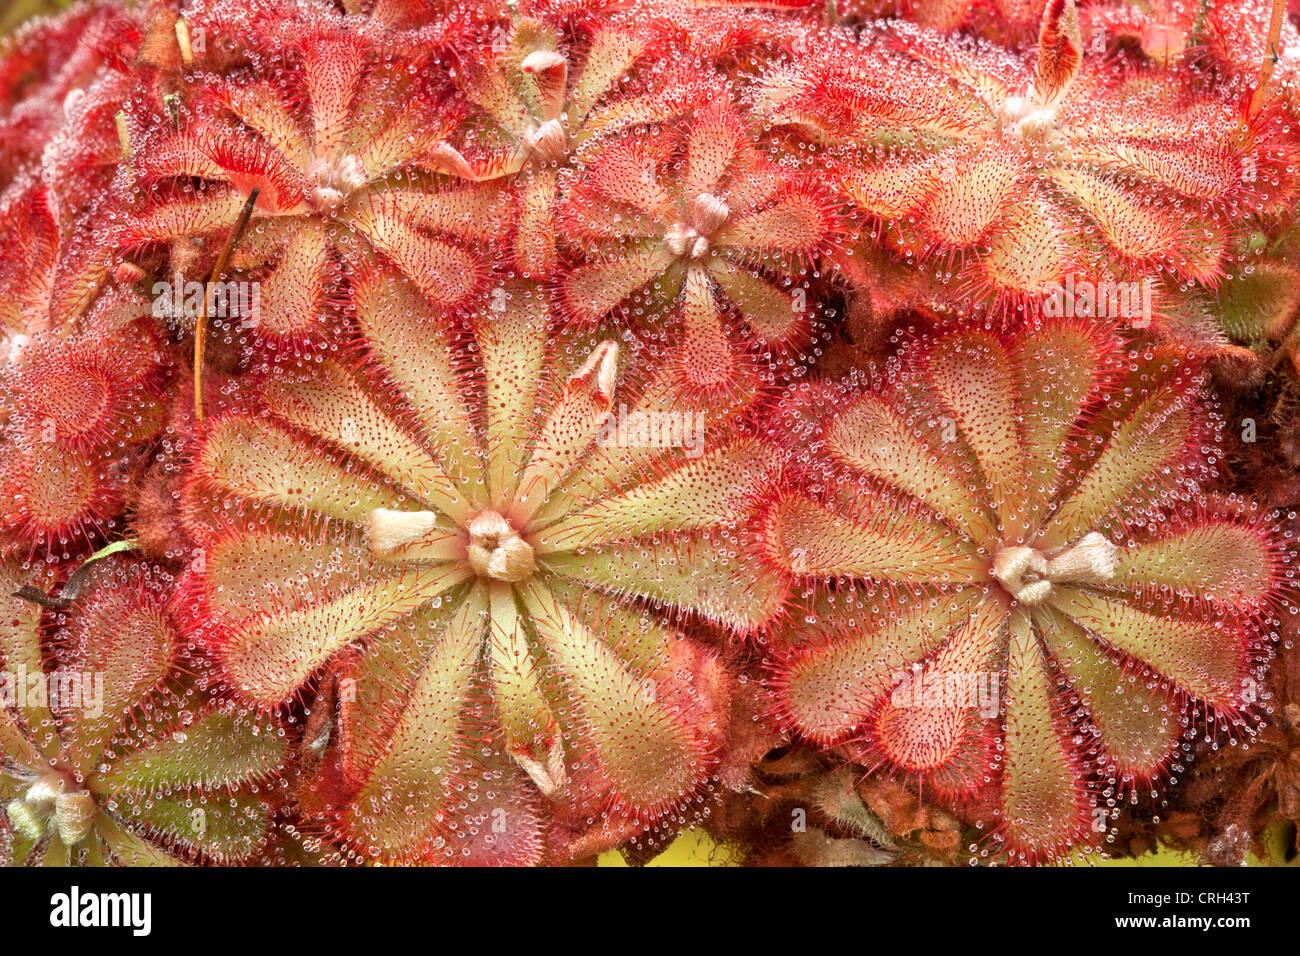 Drosera Sundew crescente, pianta carnivora. Immagini Stock